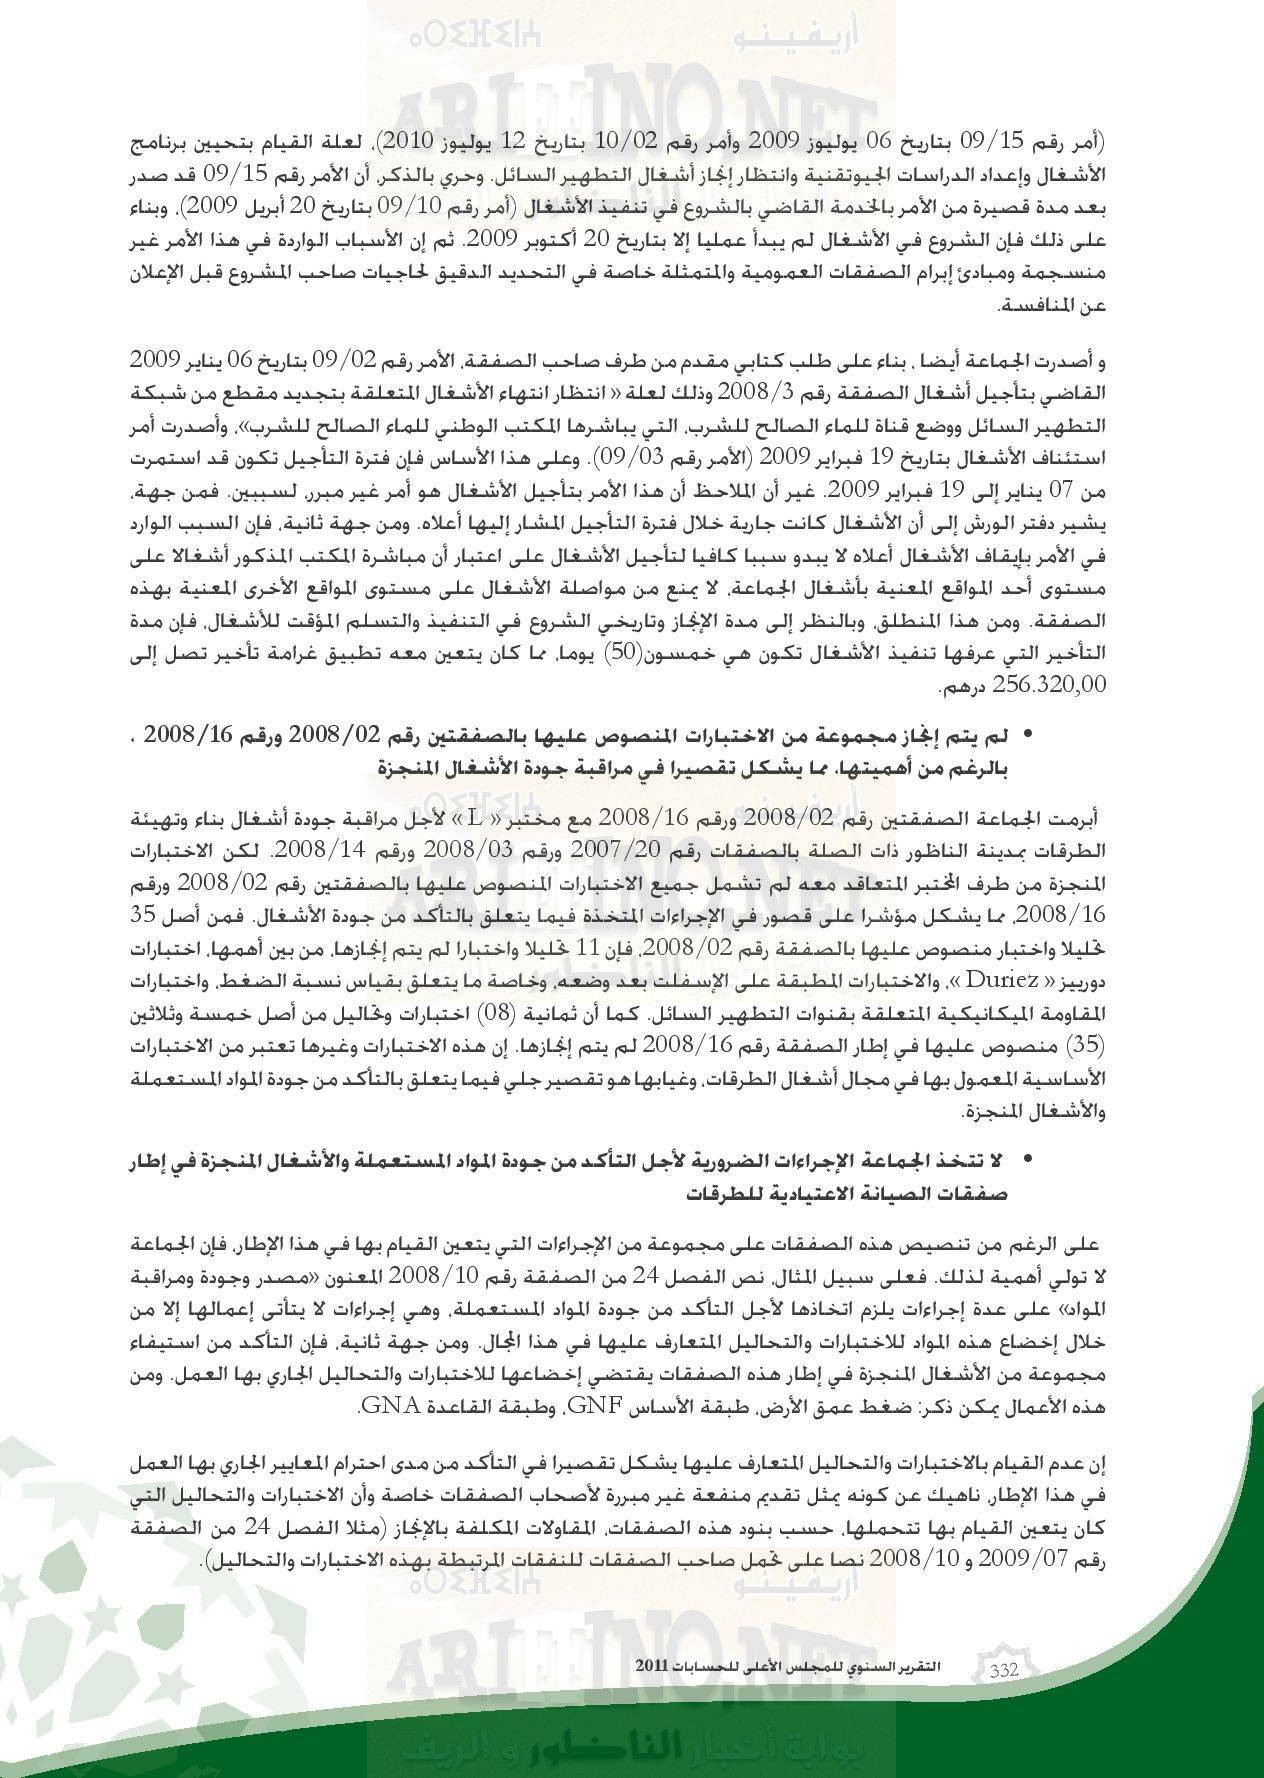 nador_0058 تقرير المجلس الاعلى للحسابات: بلدية الناظور تعيش إختلالات و عشوائية و عاجزة عن القيام بمهامها